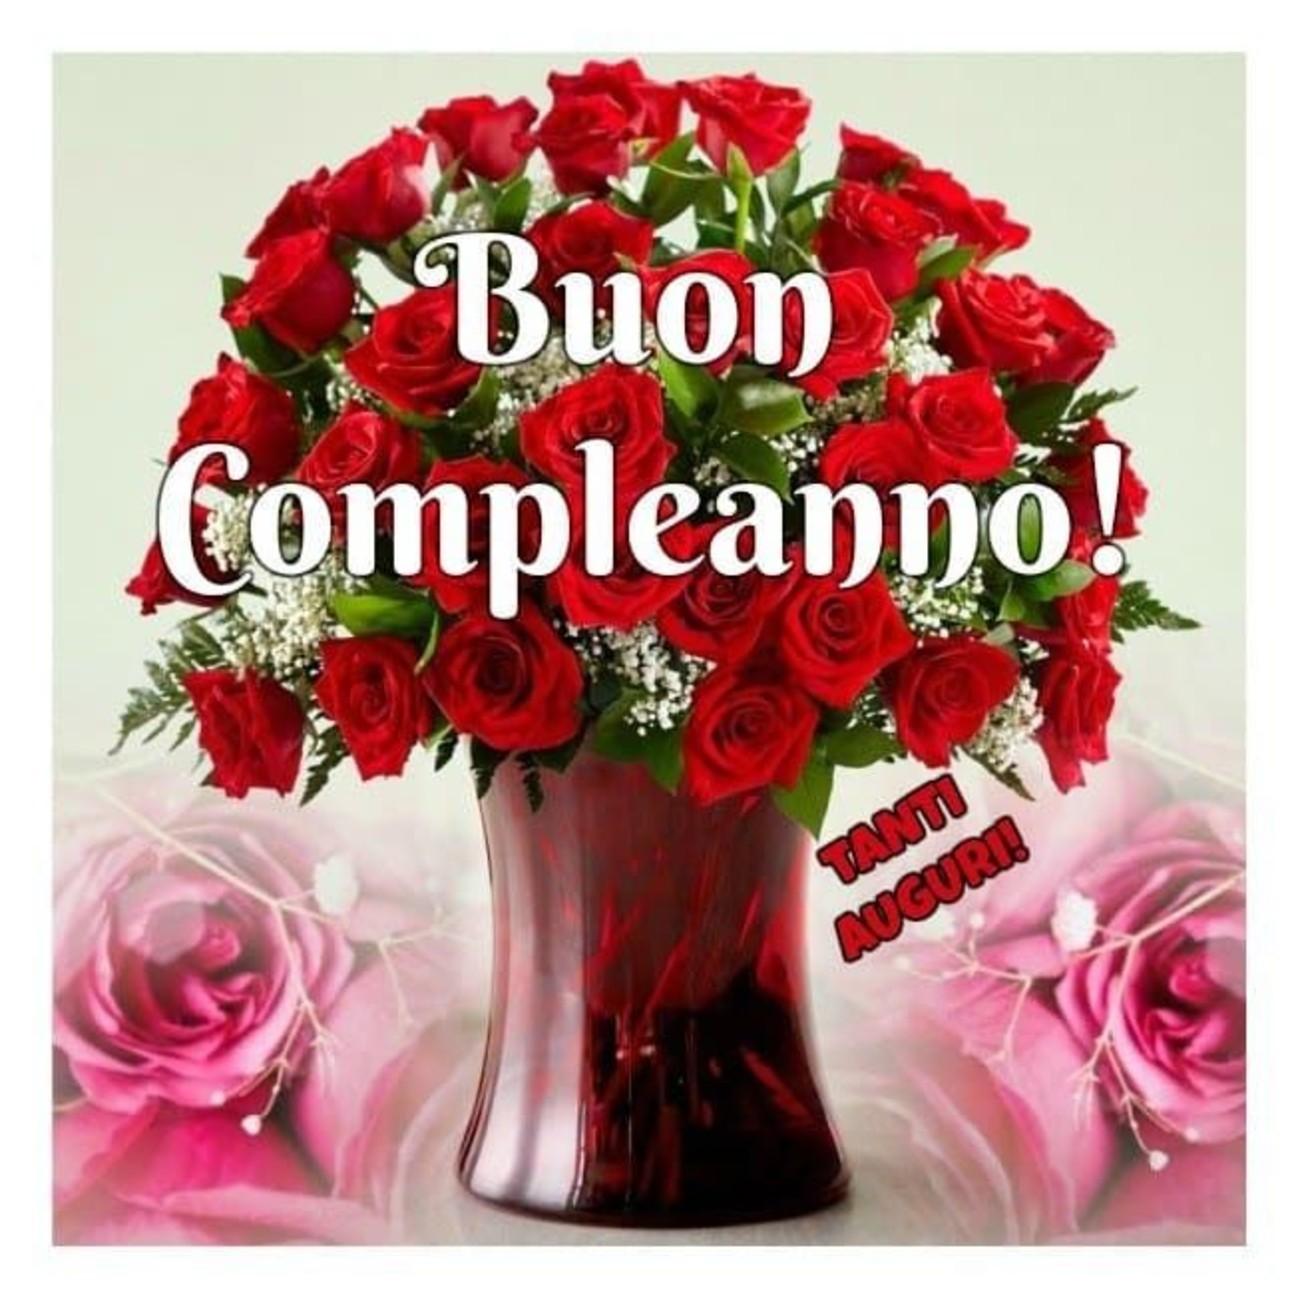 Buon Compleanno Belle Immagini 343 Buongiorno Immagini It